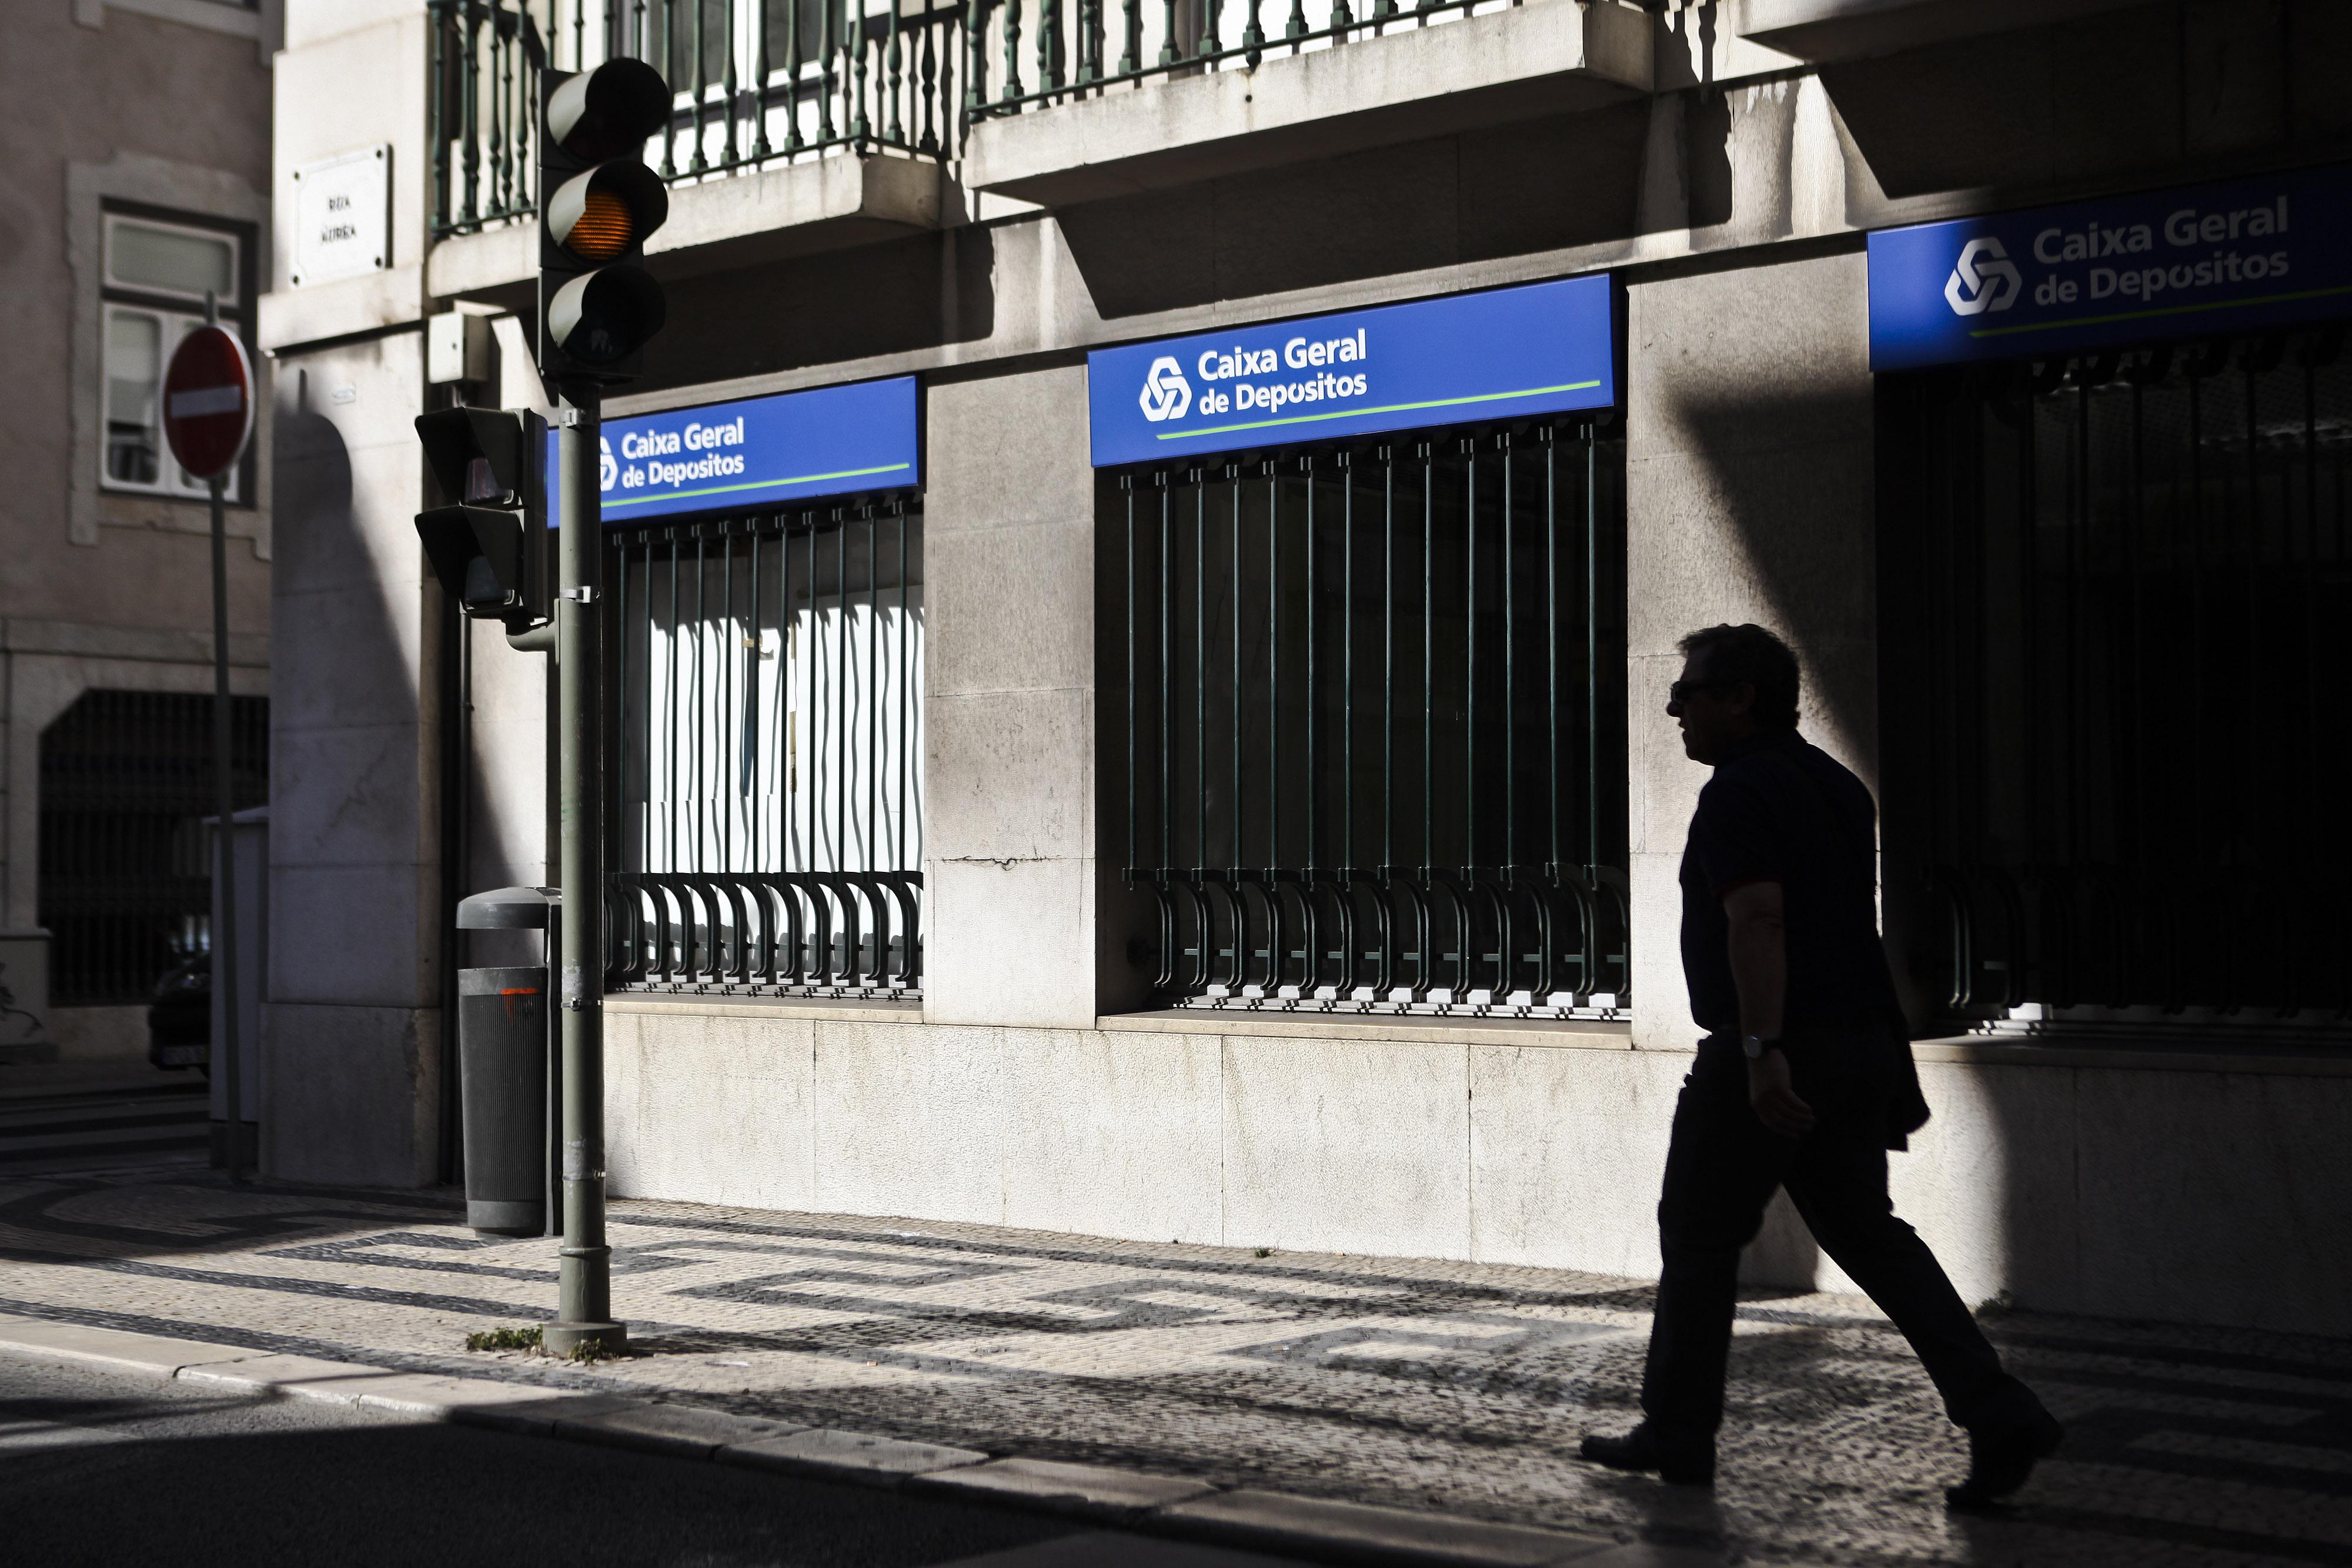 Banco público pagou 1,2 milhões de euros a McKinsey e advogados em 4 meses